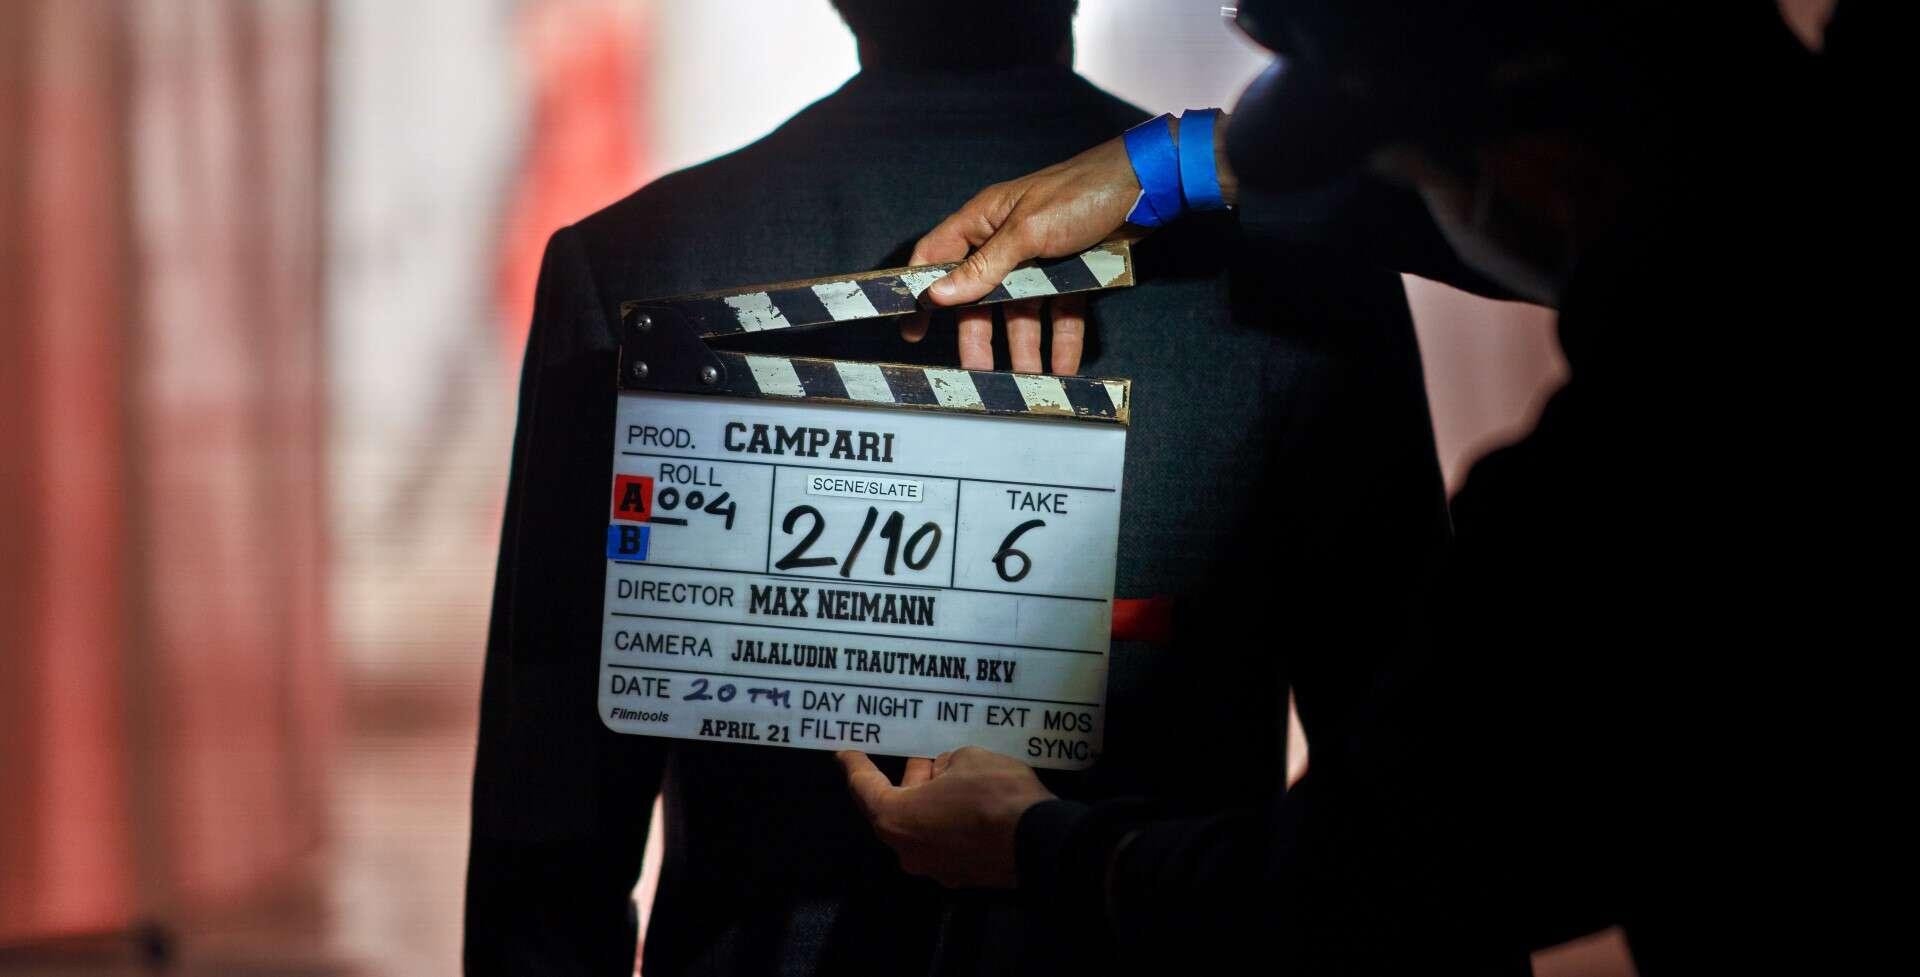 Campari crea el 1º Cortometraje con inteligencia artificial basado en Fellini (2)